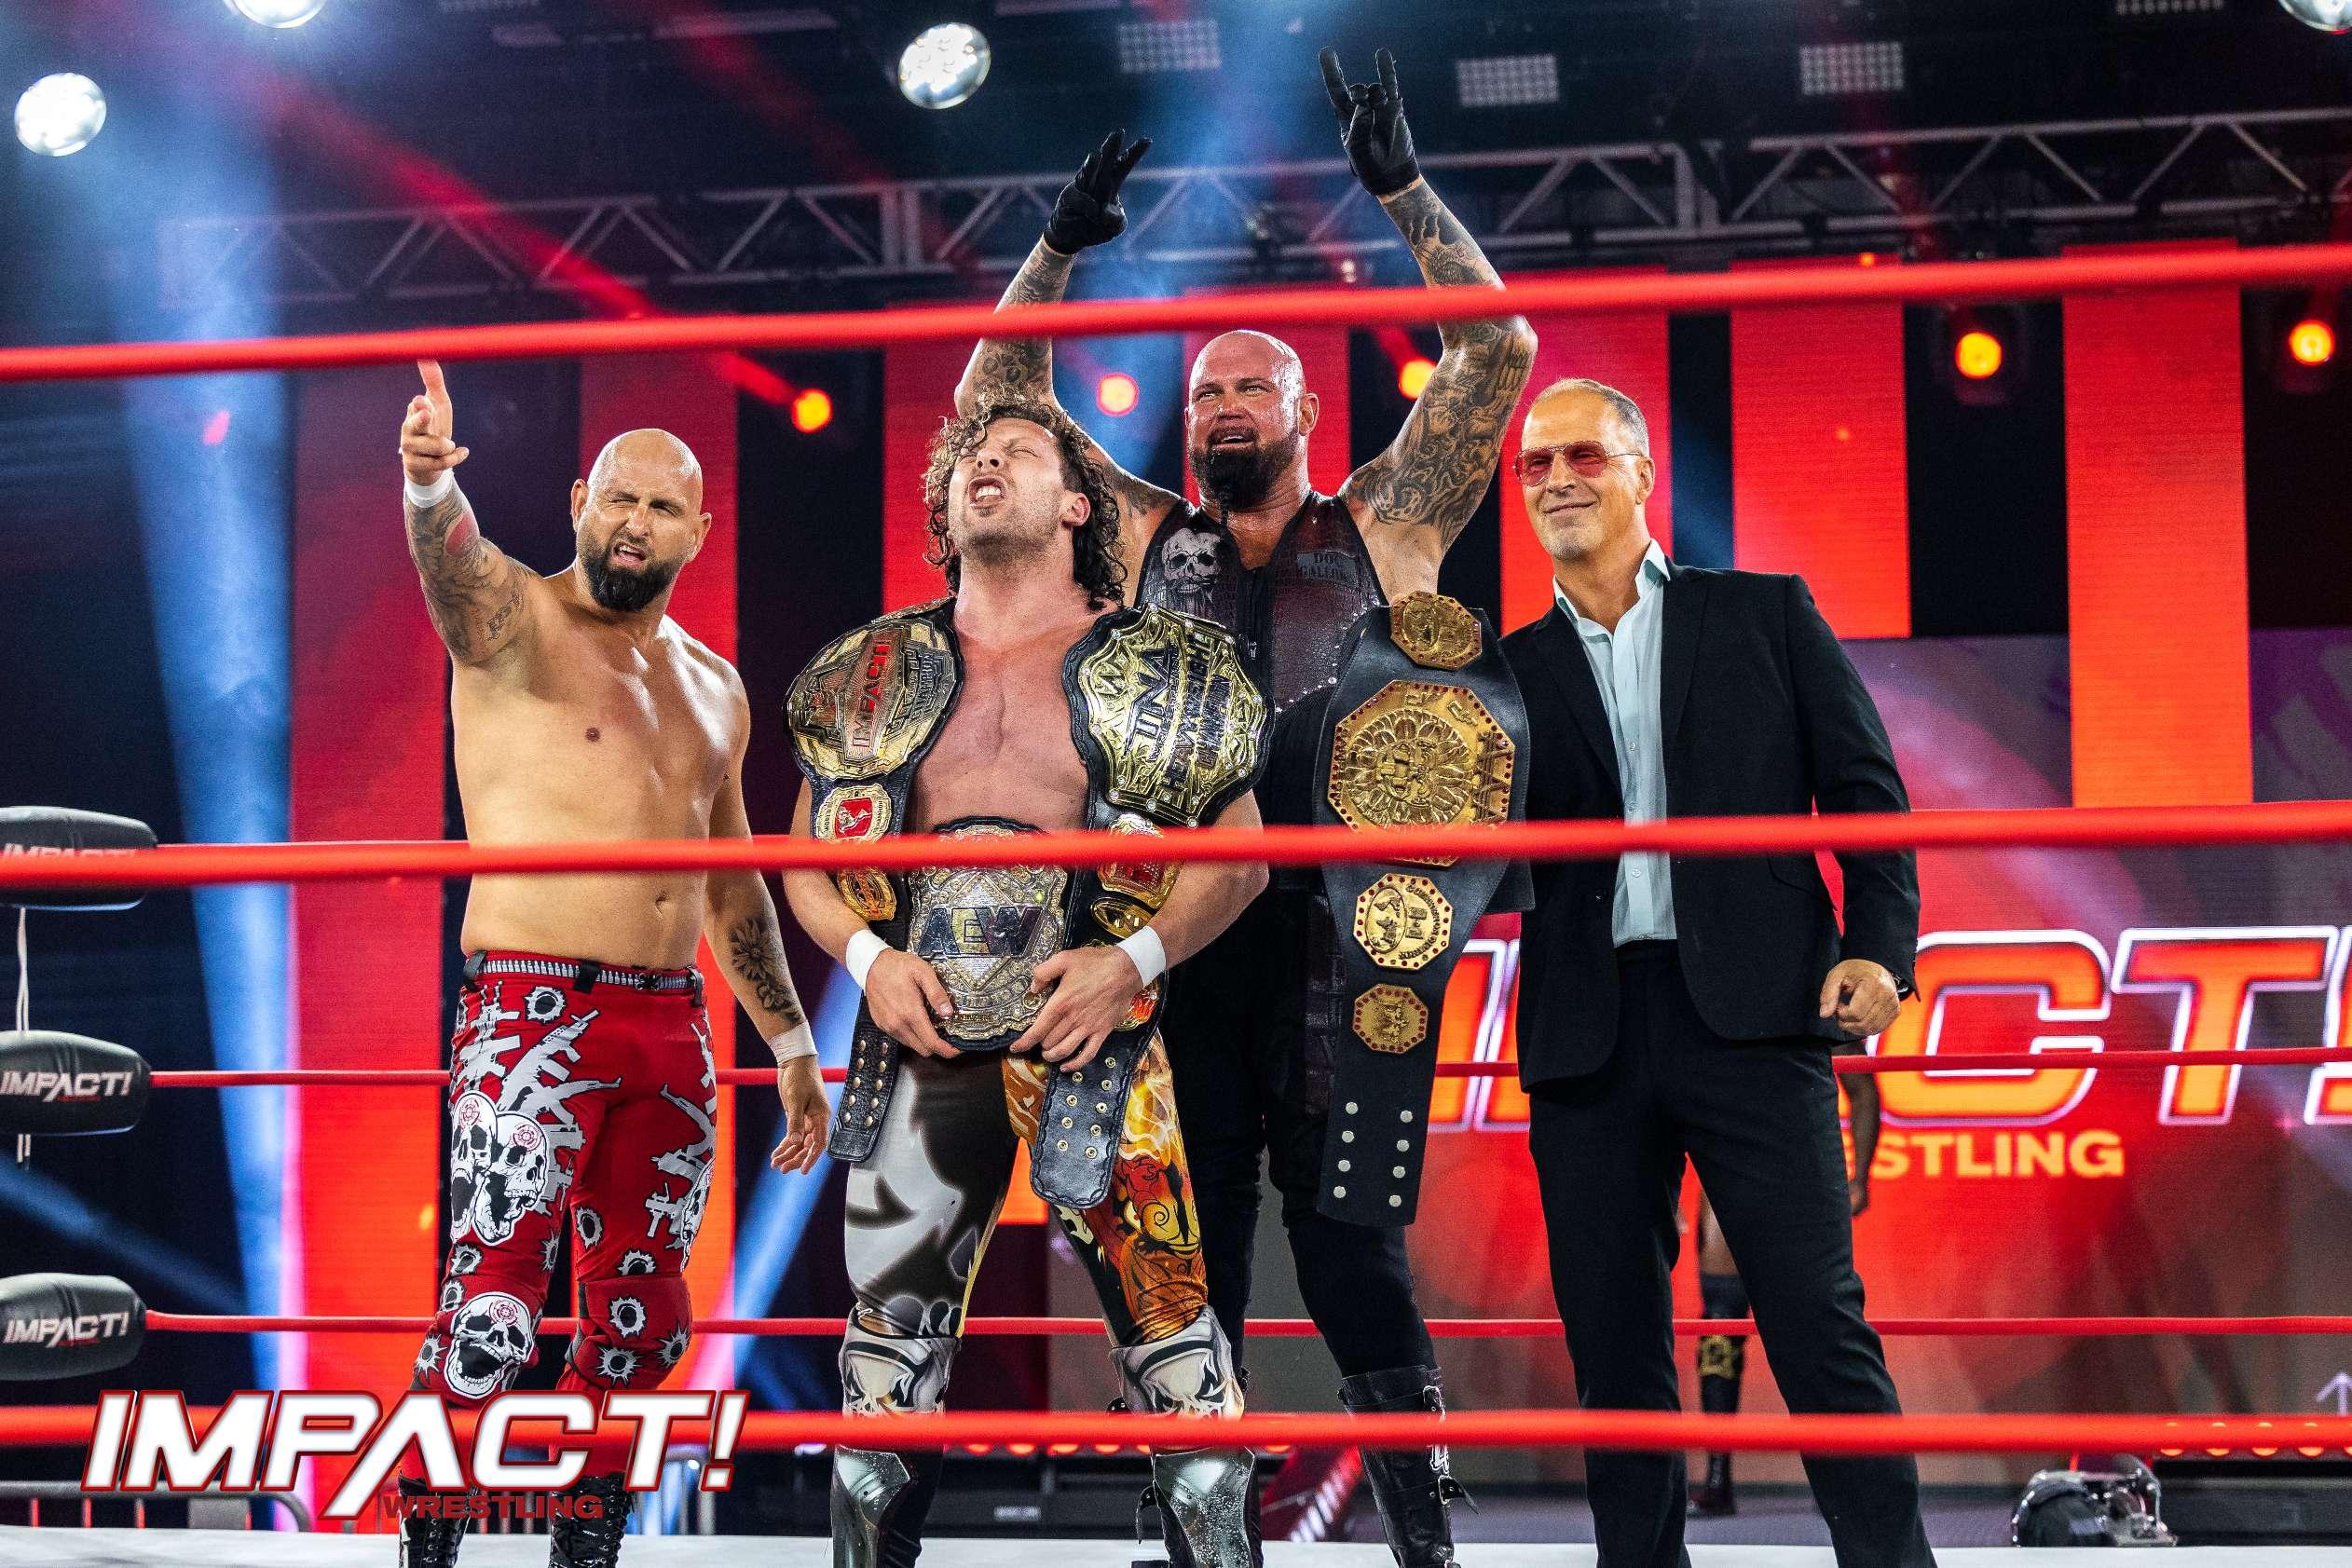 Team Challis: Kenny Omega and The Good Brothers vs Team Dreamer: Moose, Sami Callihan, and Chris Sabin